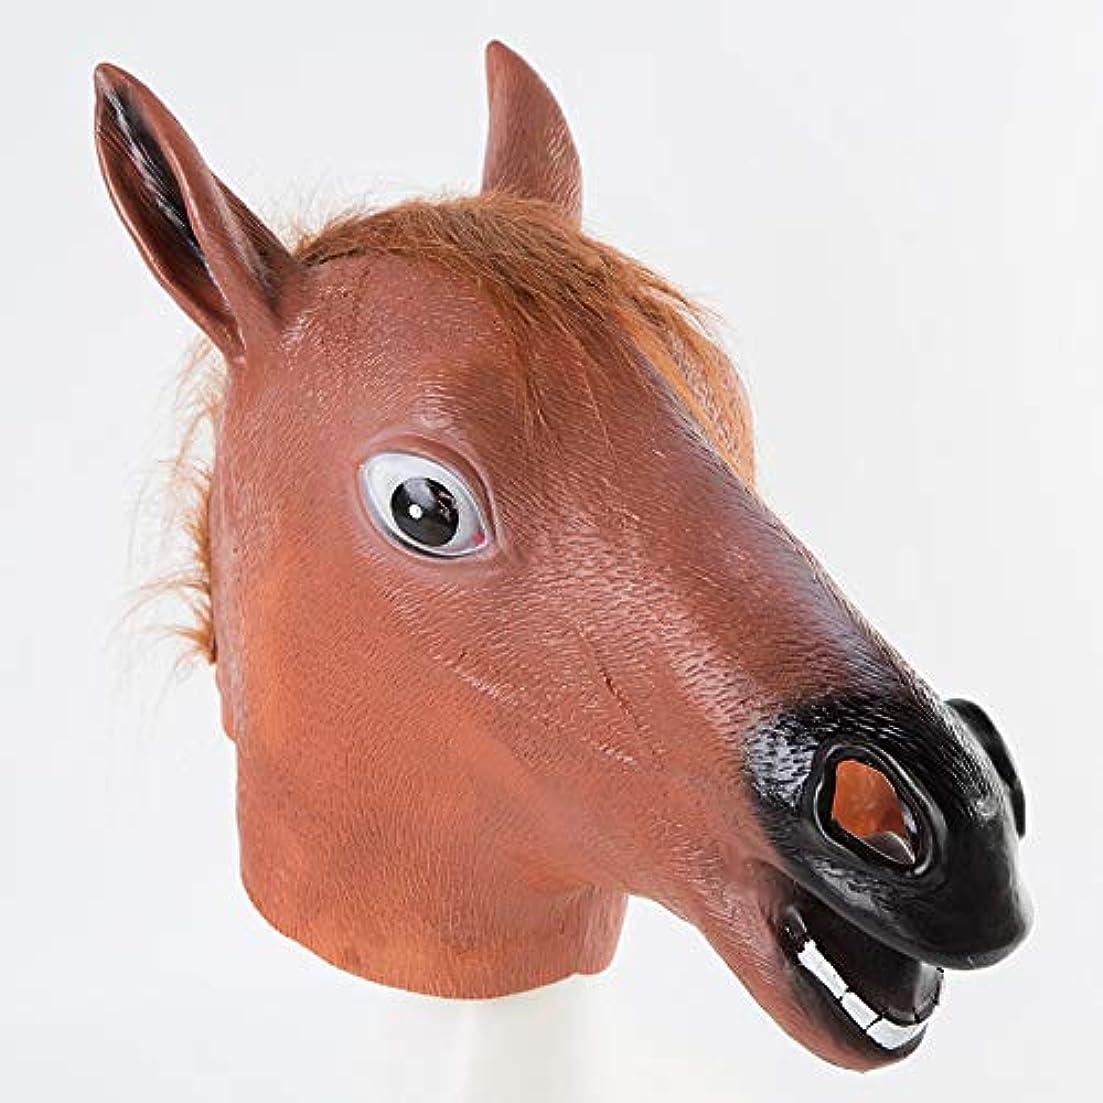 飲み込むピアース文化馬の頭のマスク動物の帽子ハロウィンの馬のマスク馬の頭の男の帽子